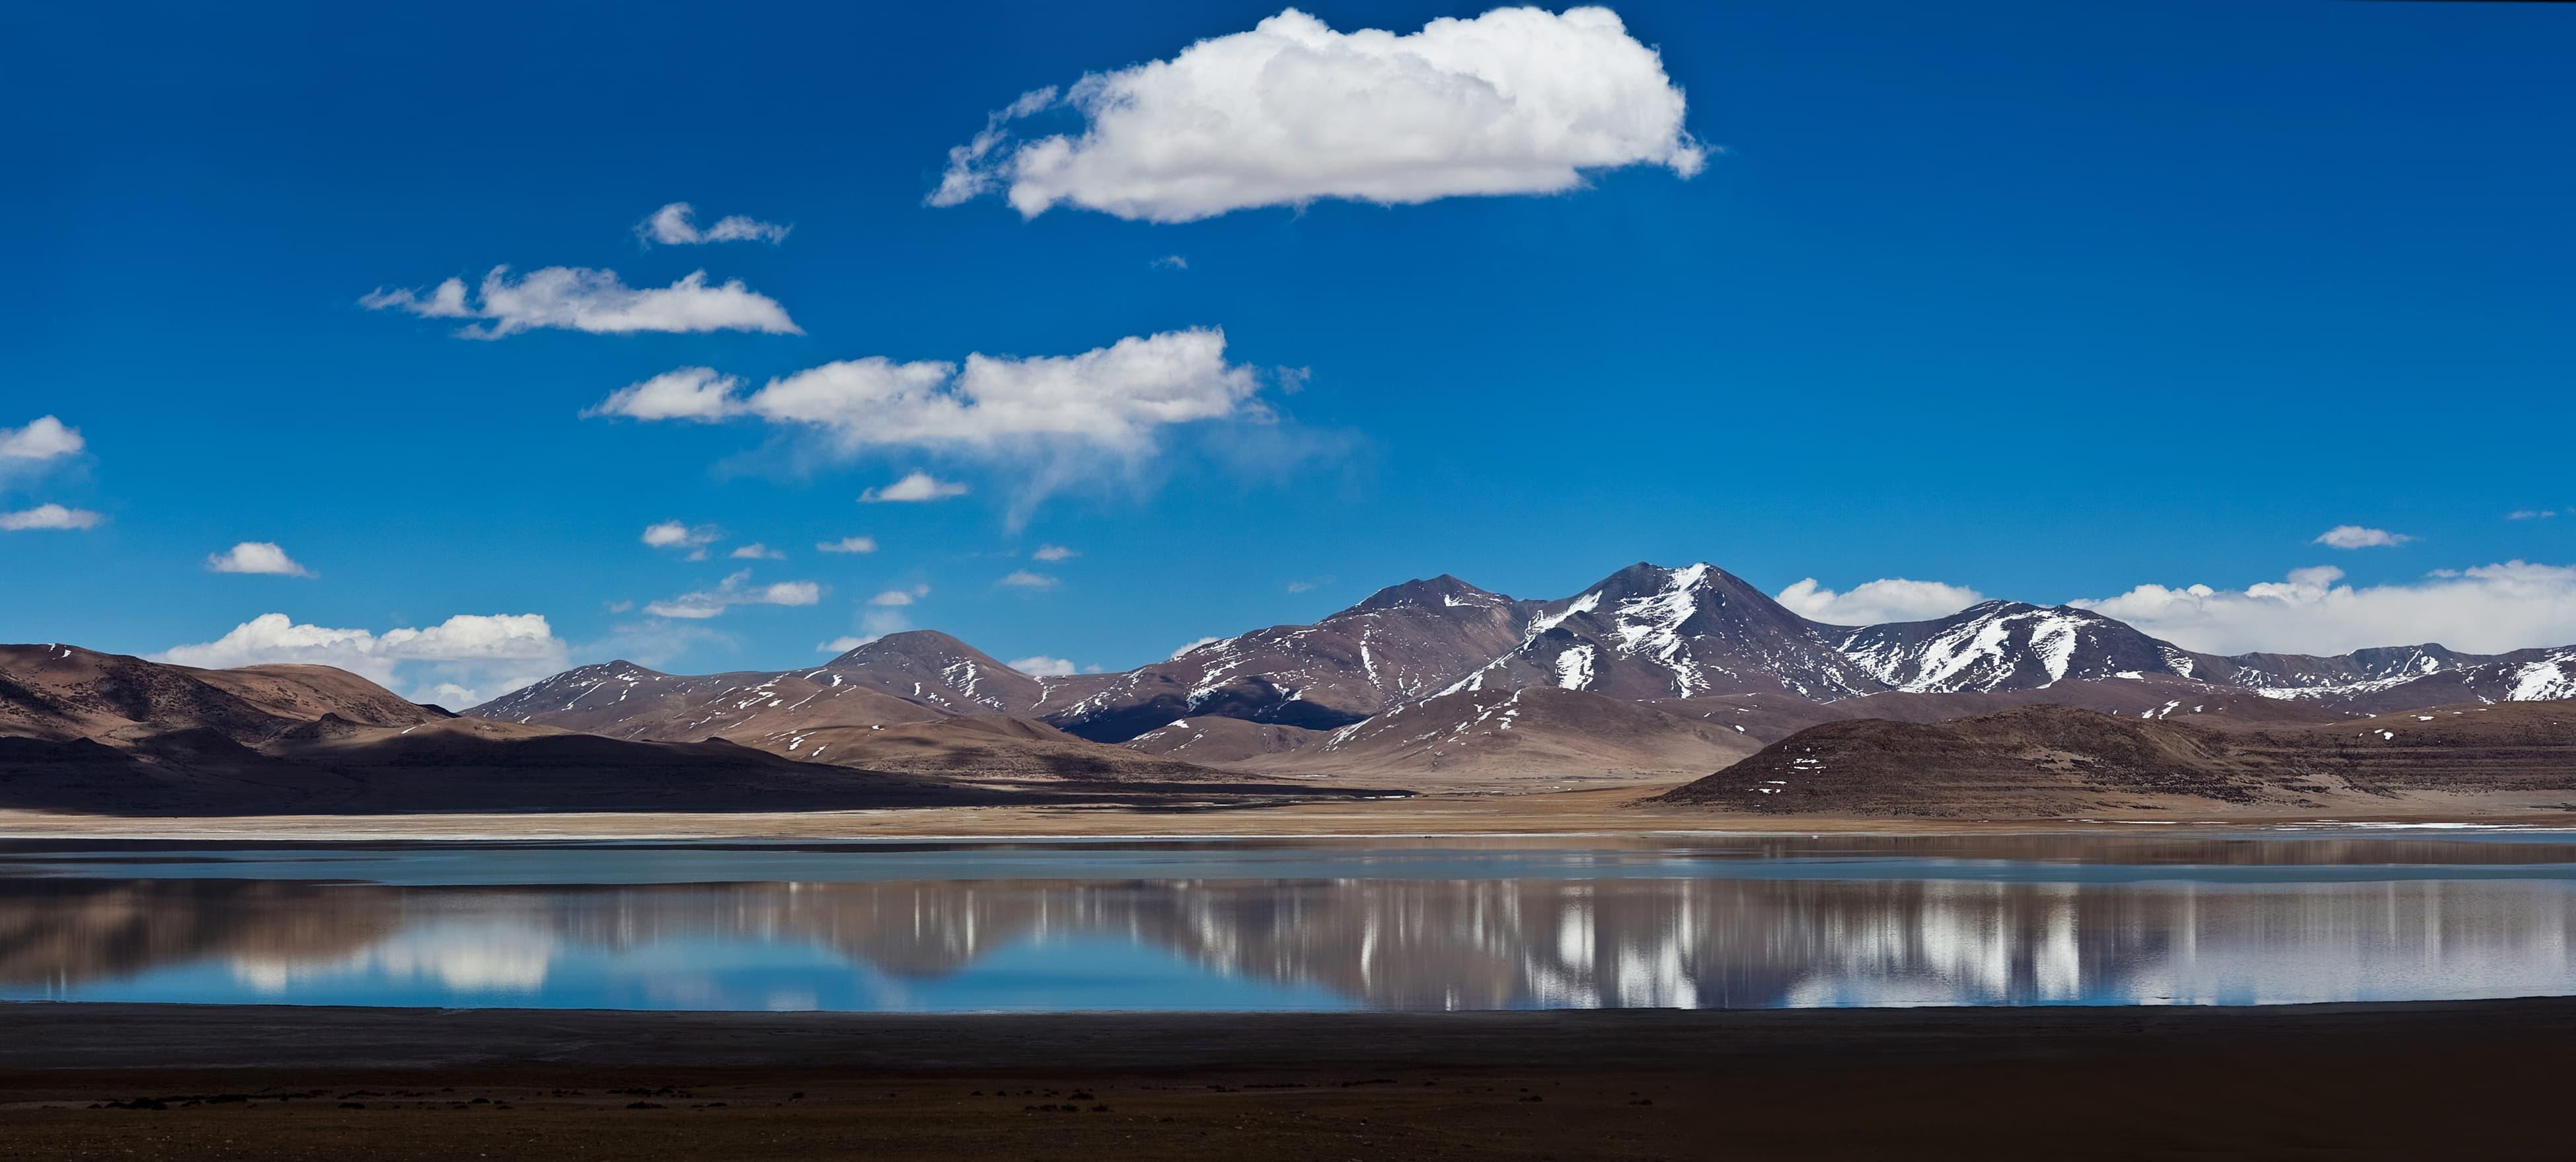 Phelku Tso Lake in Tibet